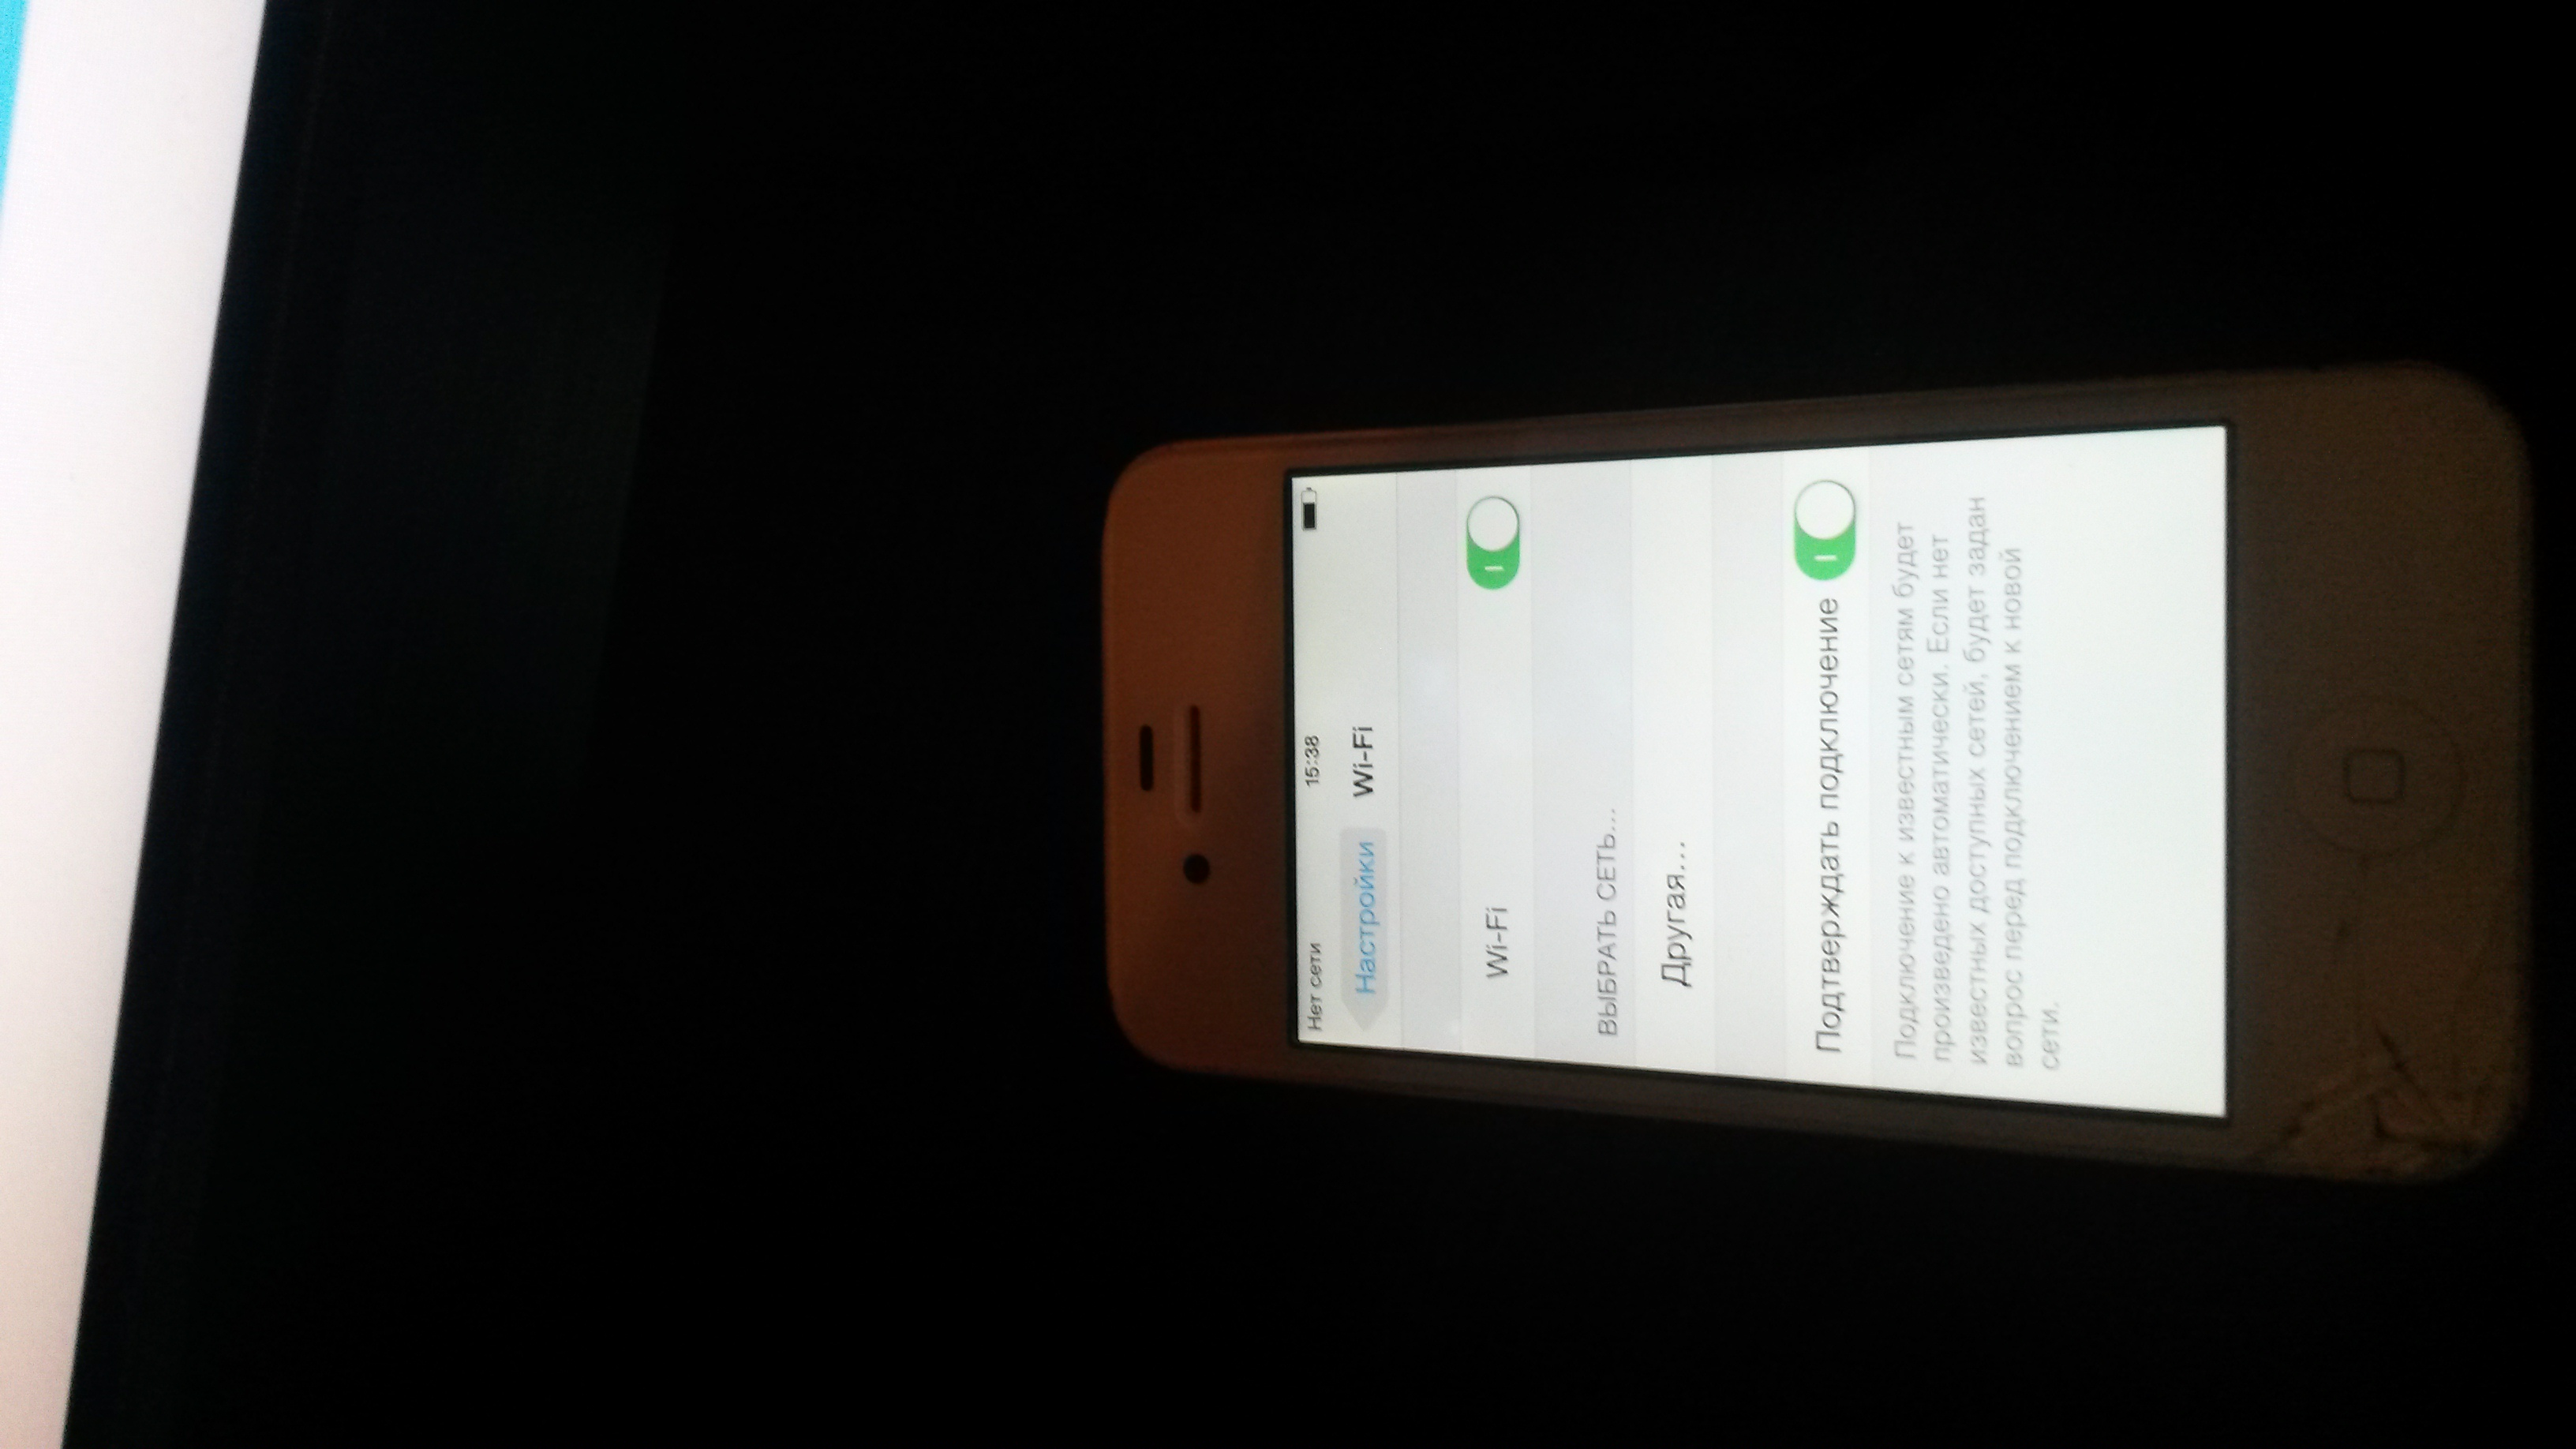 IPhone - пропадает сеть - что делать, если на Айфоне то